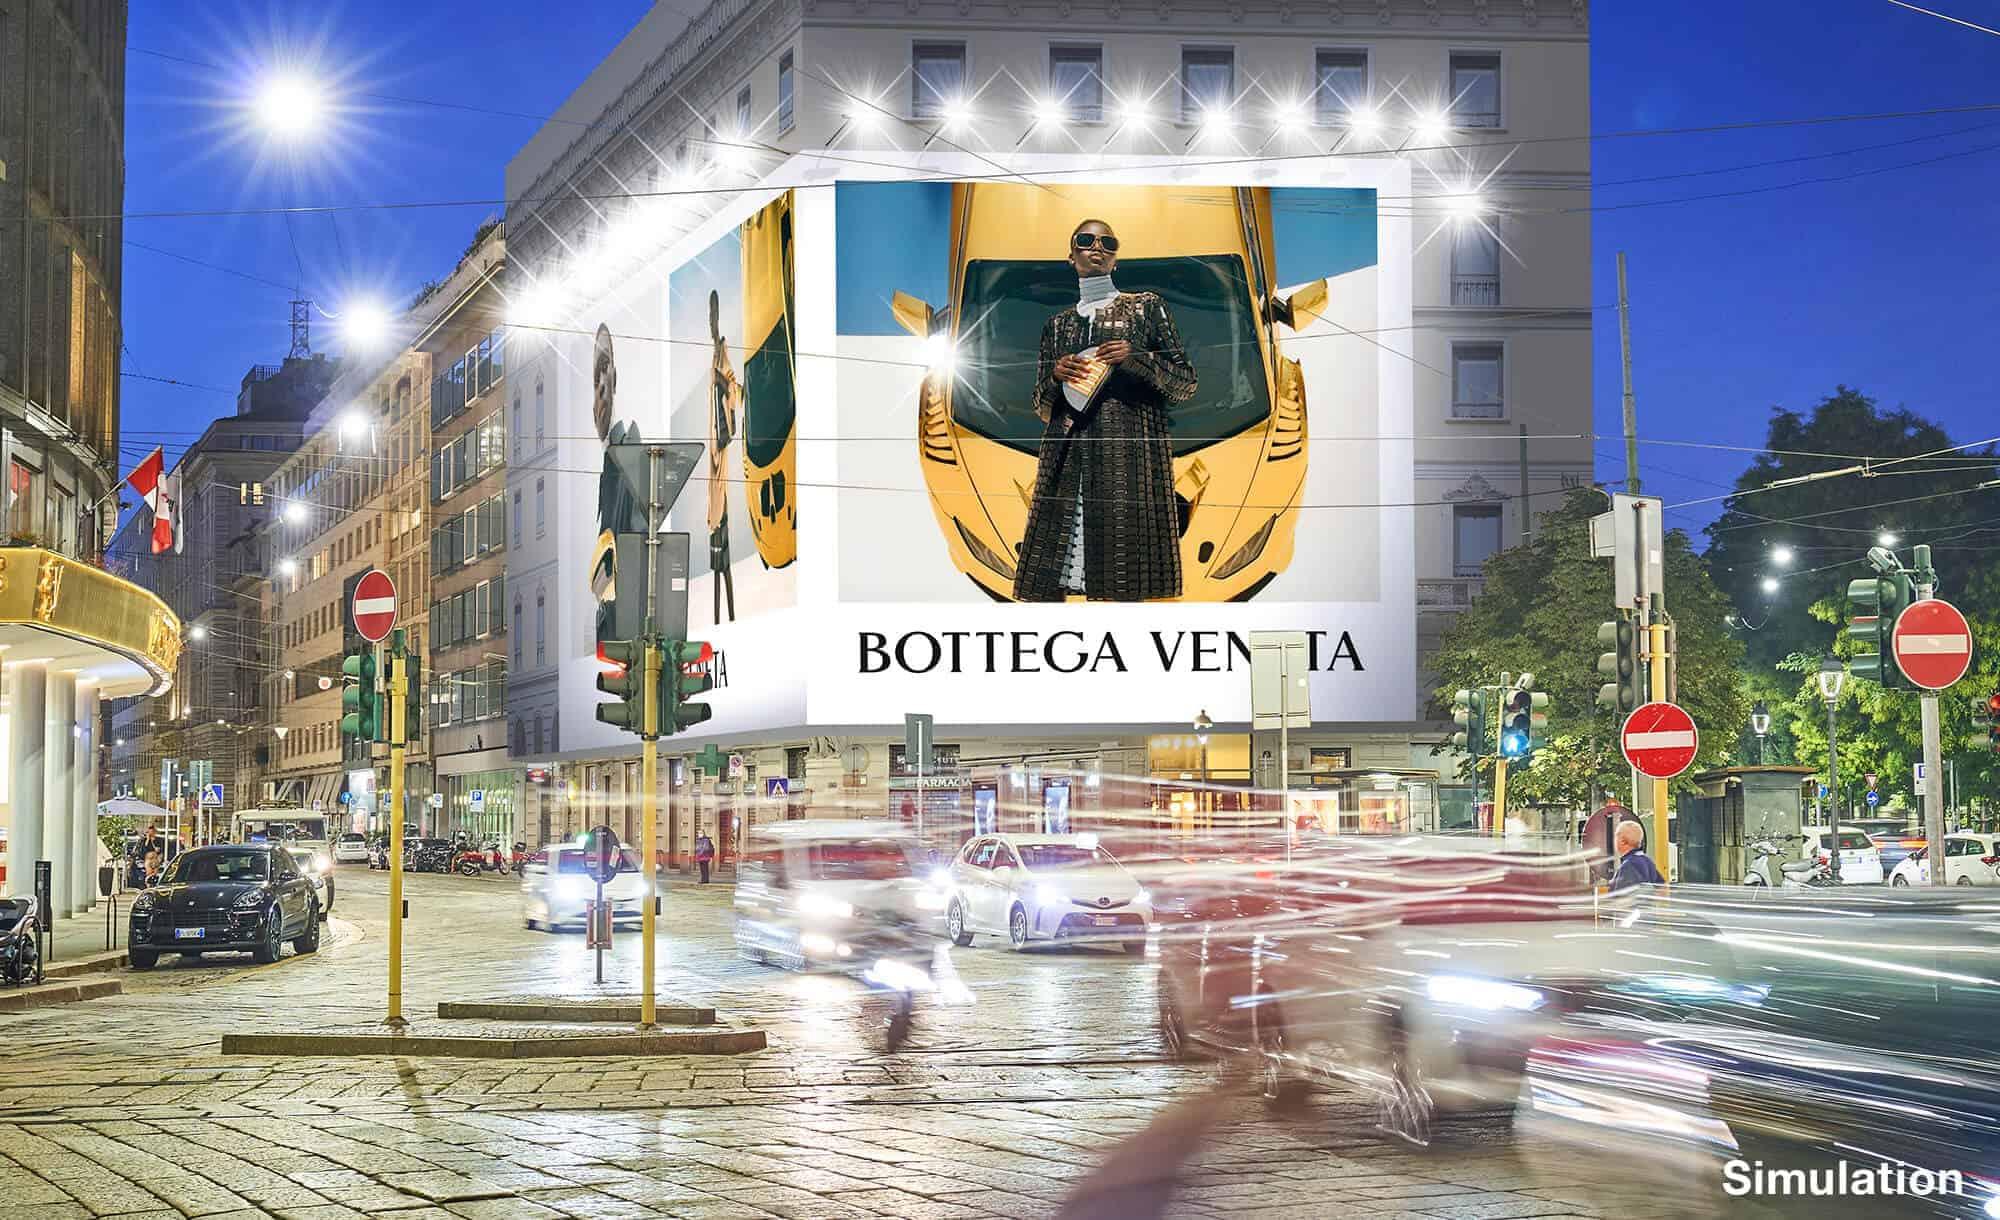 Maxi Affisione a Milano in Piazza Cavour 5 con Bottega Veneta (Fashion)